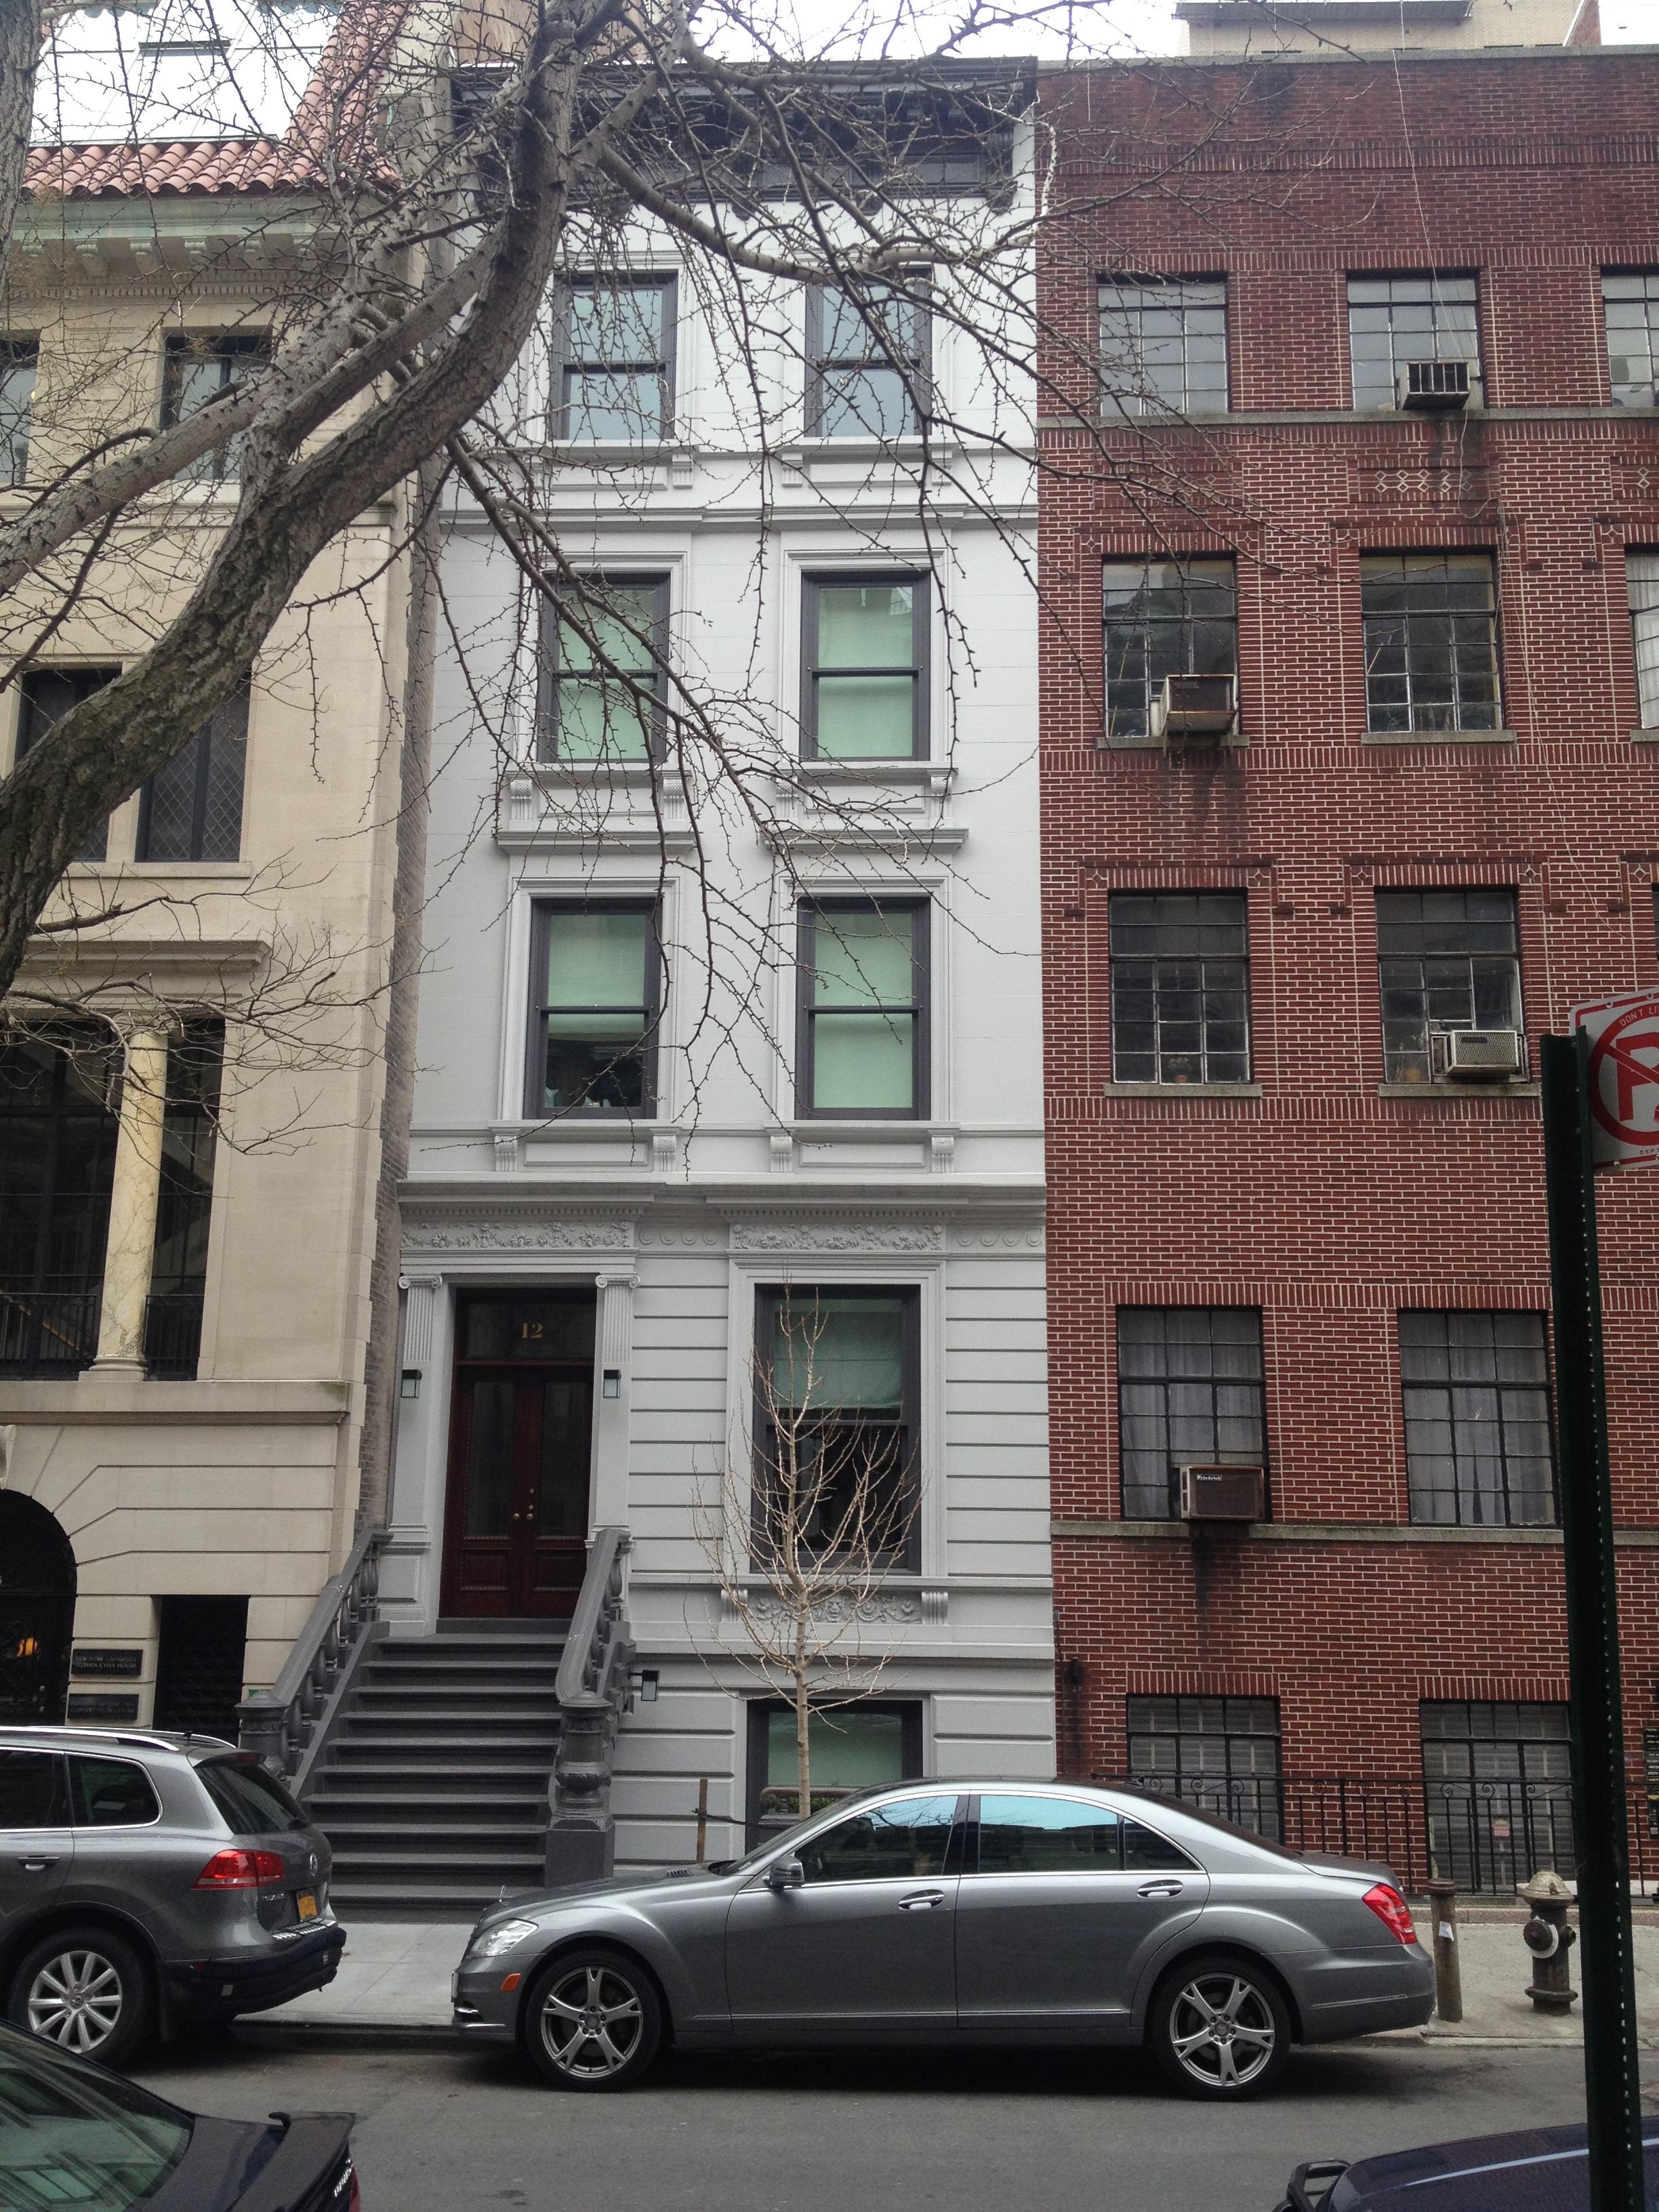 East 78th street - New York, NY